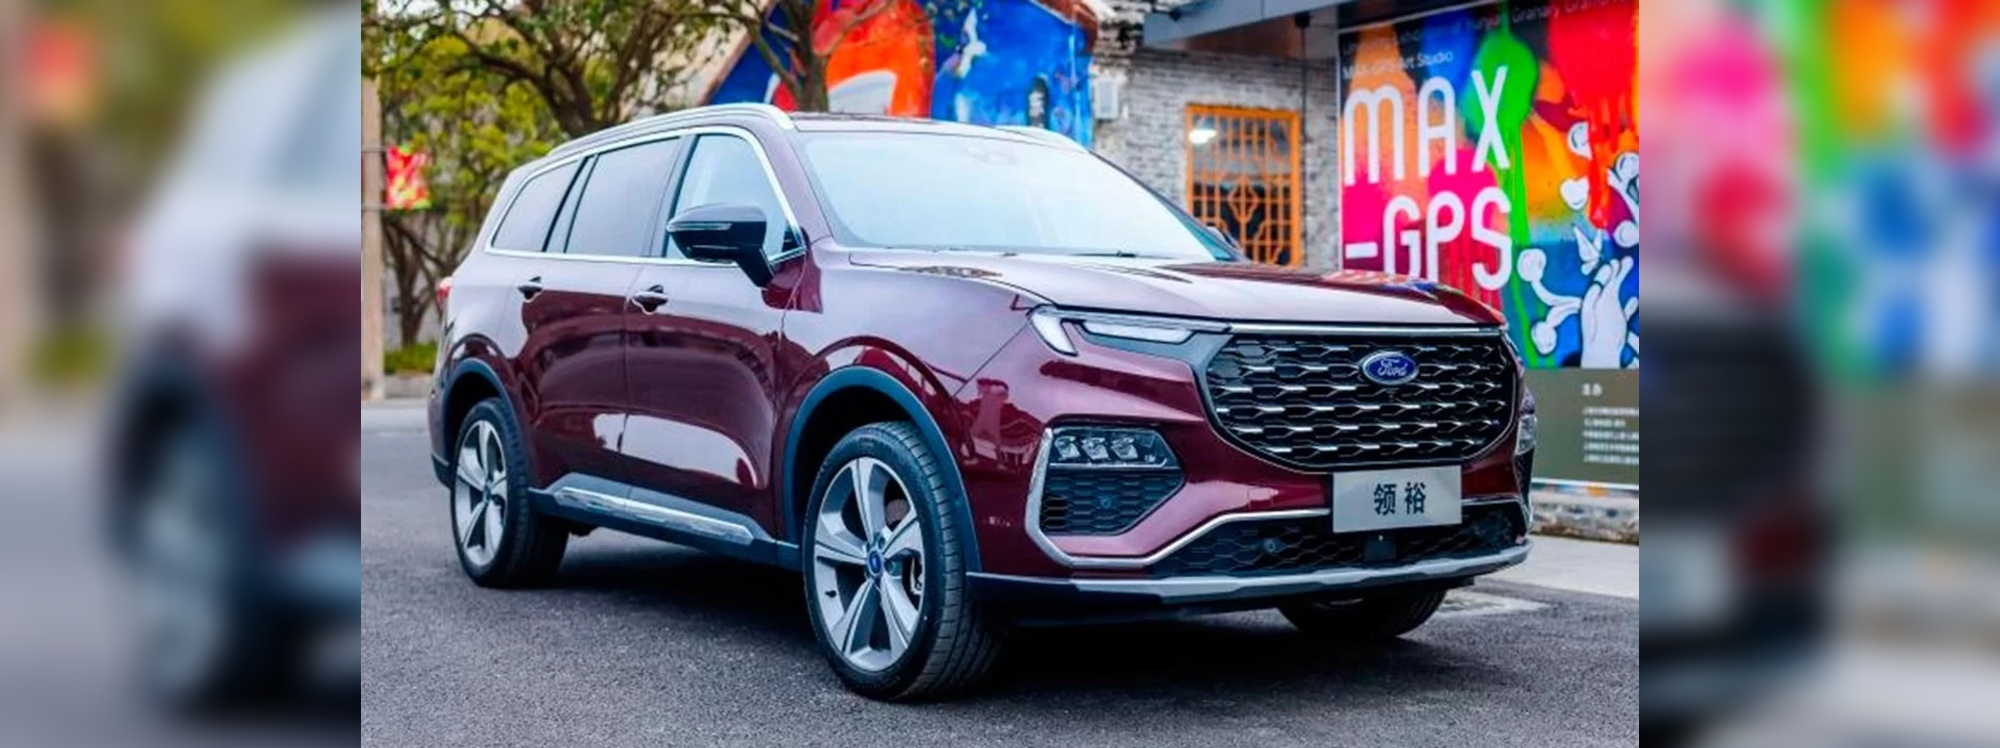 Ford presentó el nuevo SUV Equator